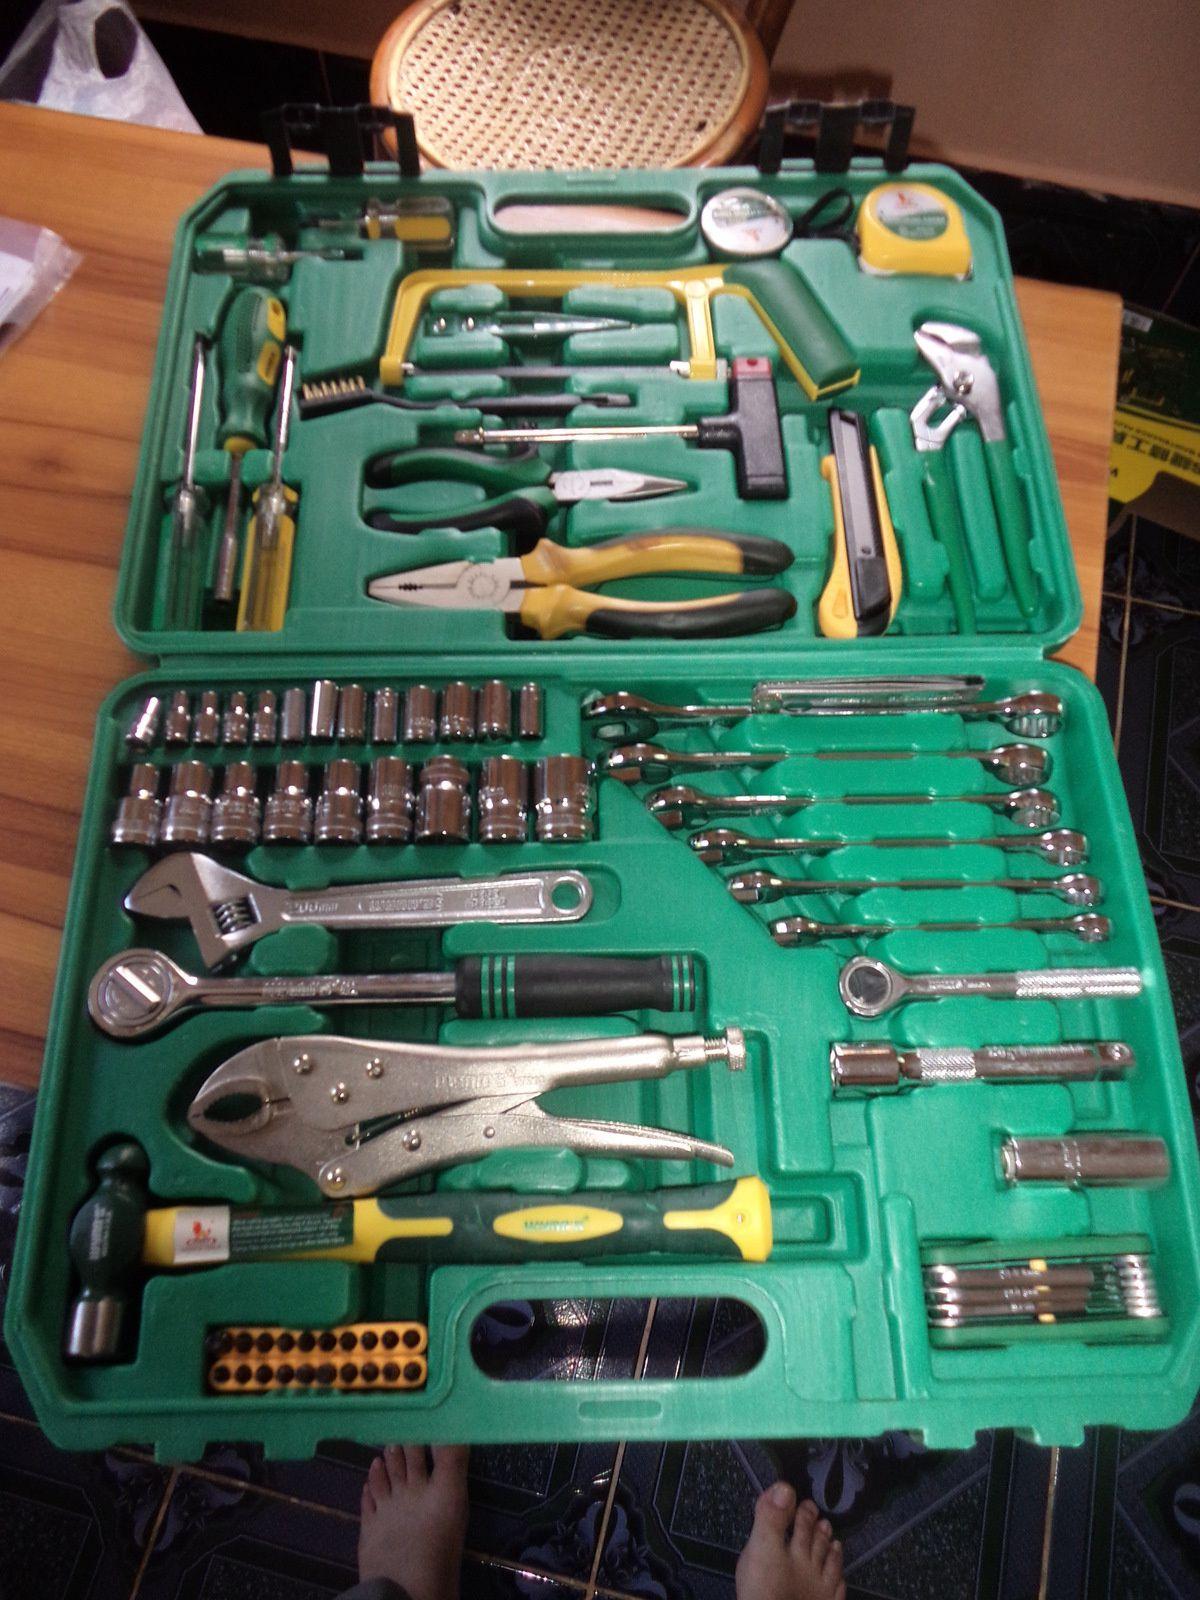 cette caisse à outils viendra compléter le matériel nécessaire au bon entretien de l'orphelinat